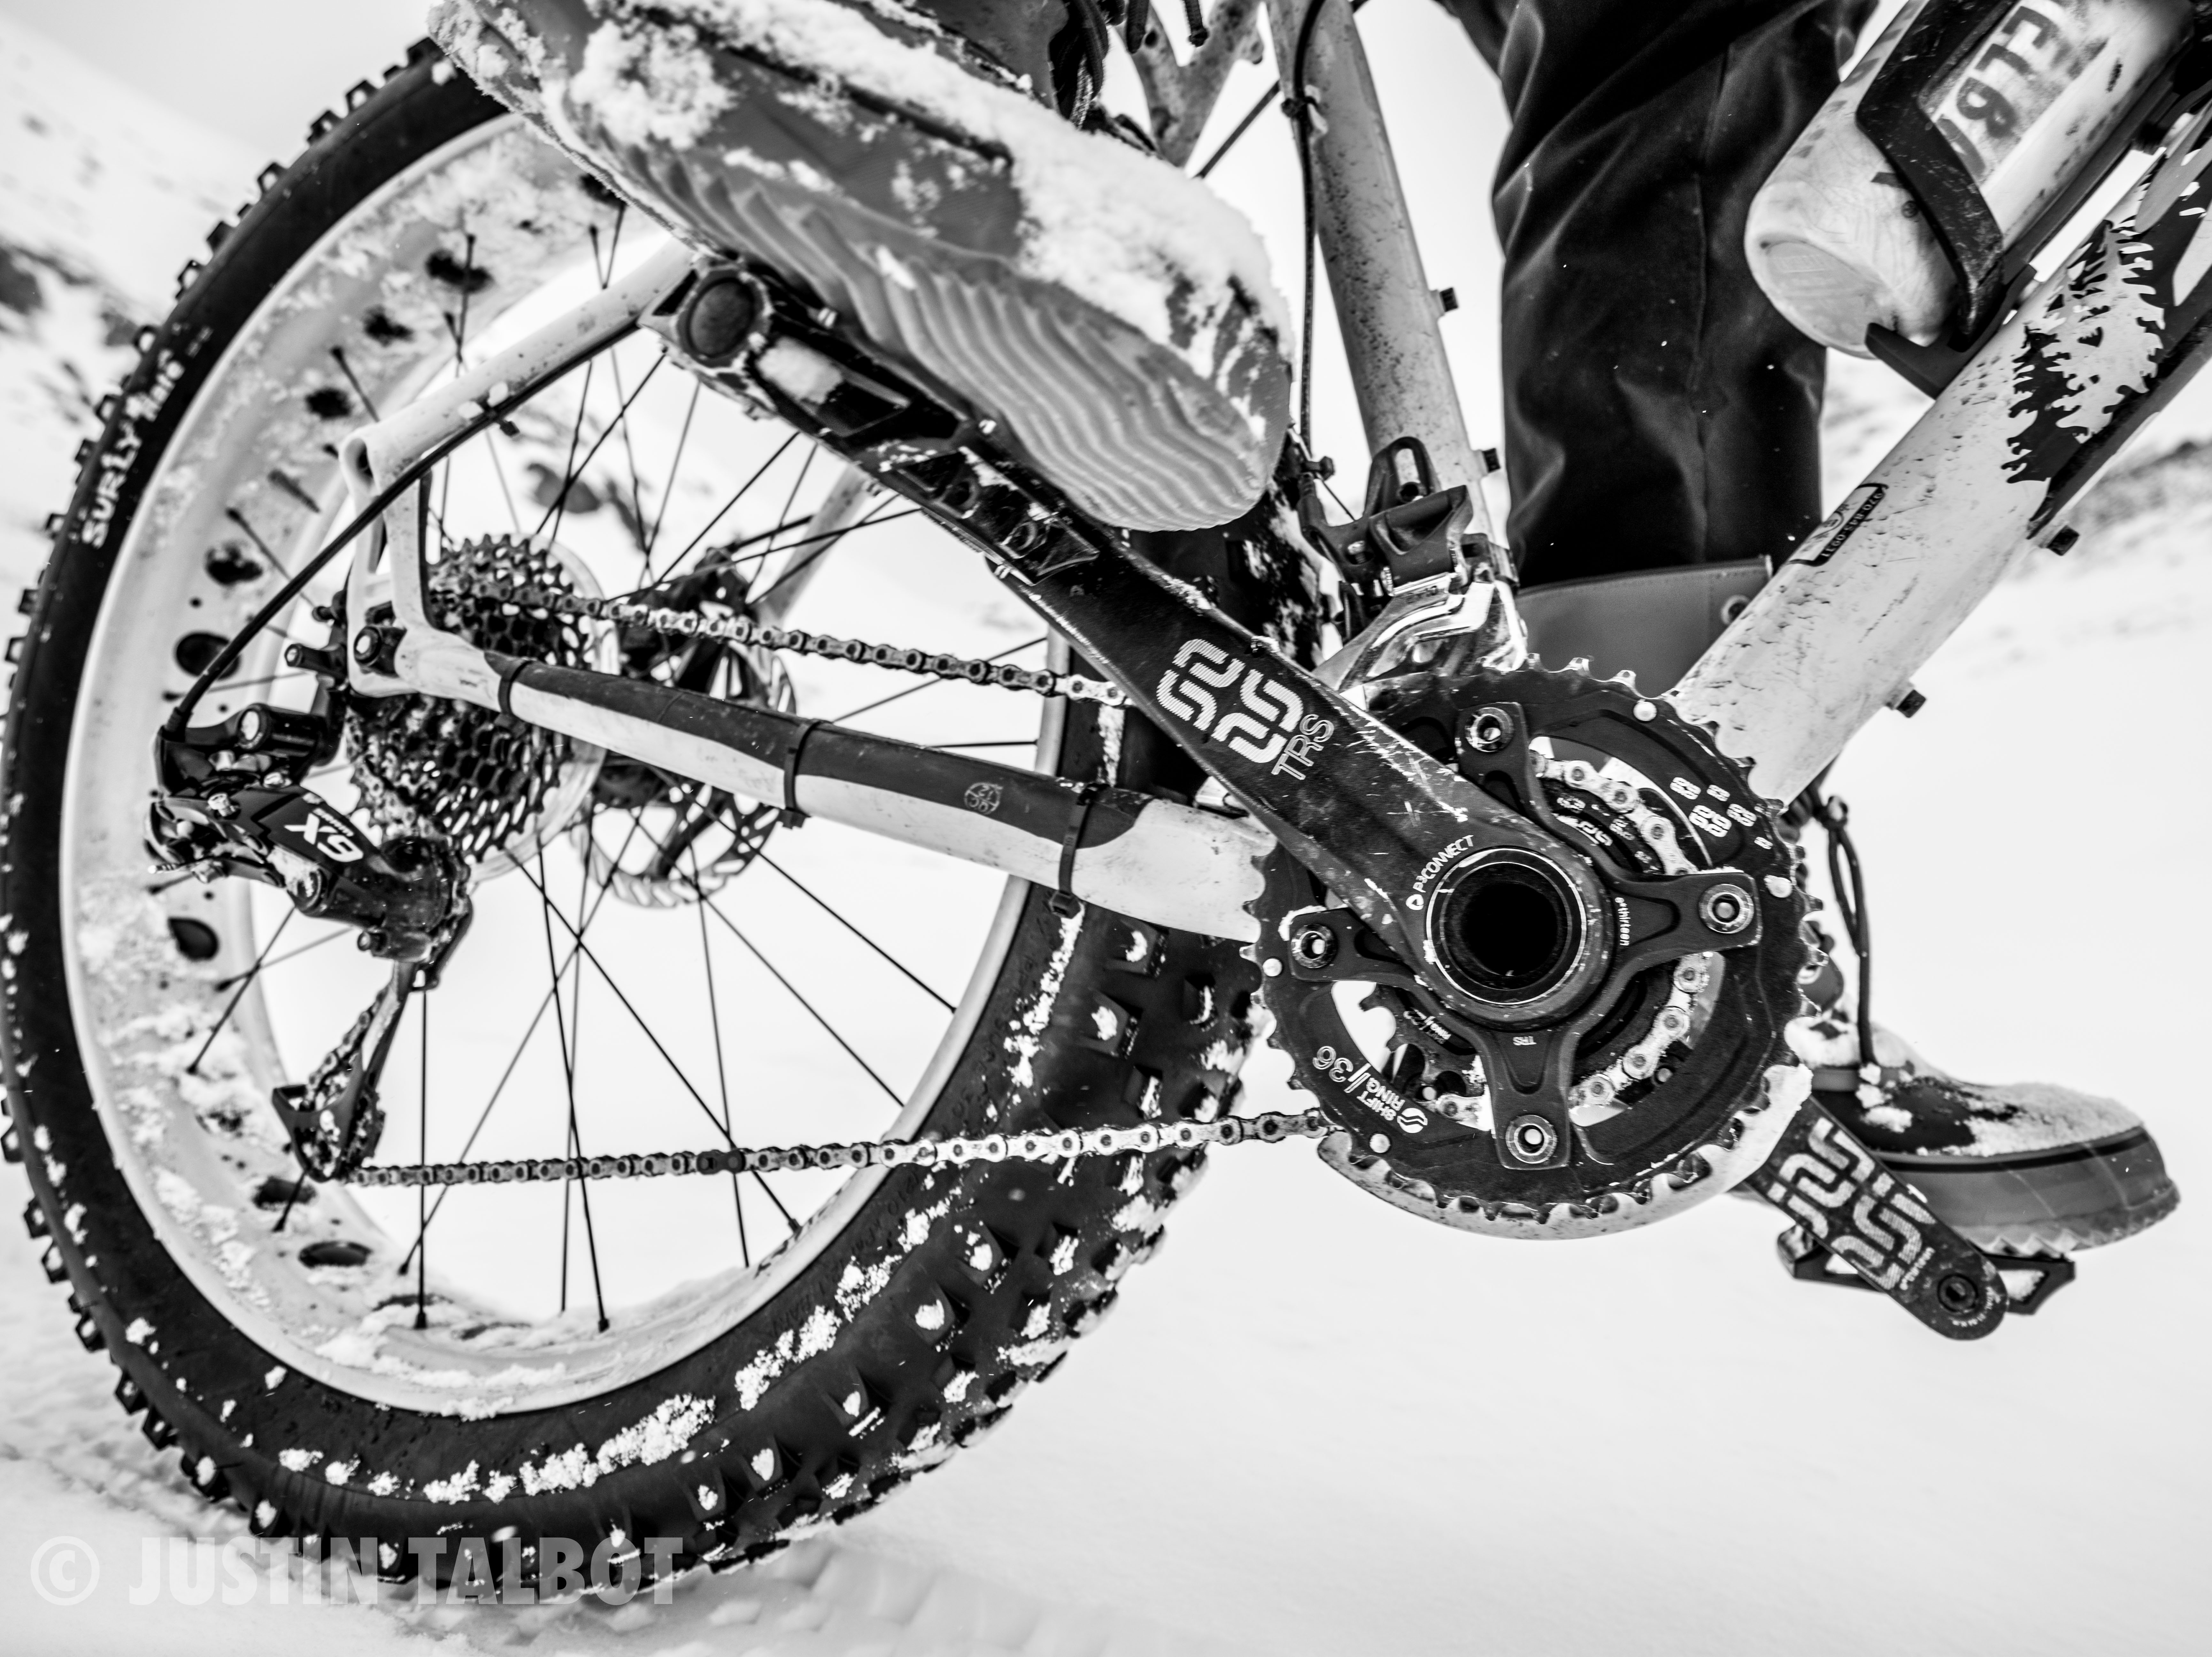 DCB snowbike-9